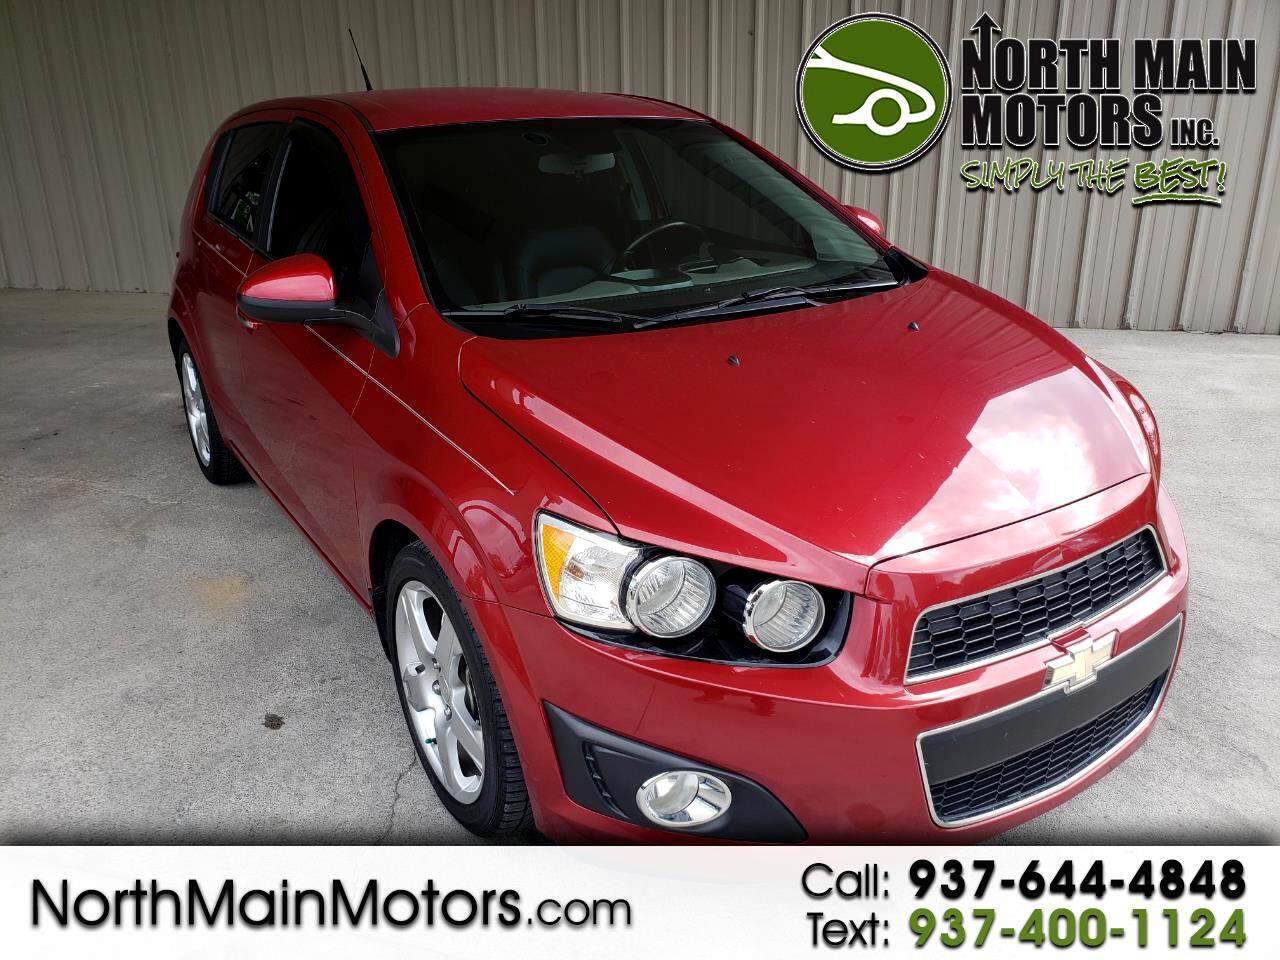 2013 Chevrolet Sonic 5dr HB Auto LTZ